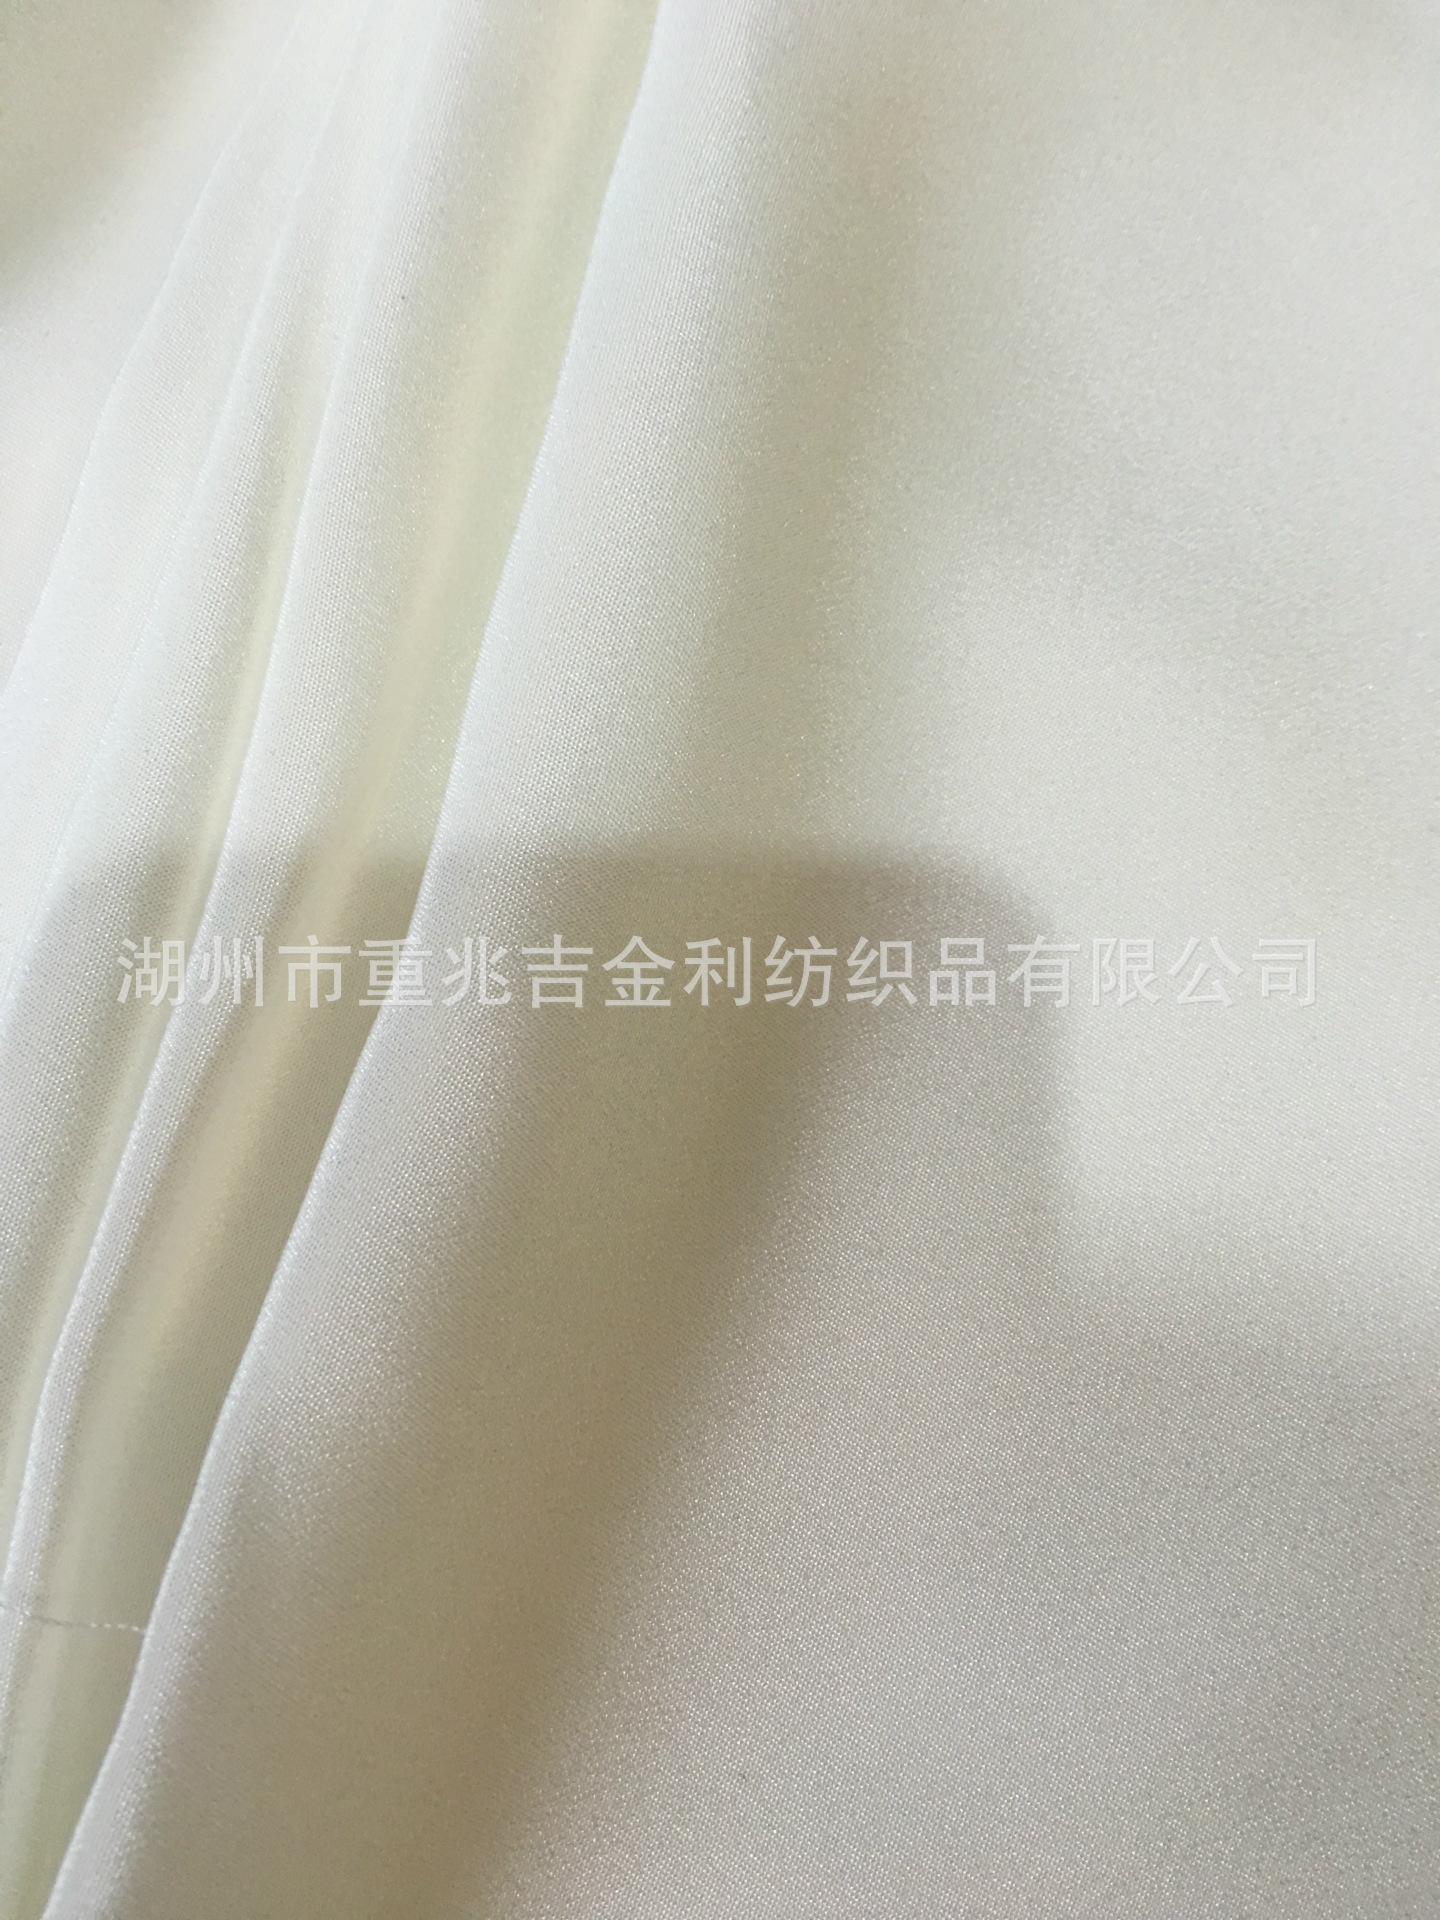 100%桑蚕丝高档丝绸重磅真丝面料布料:30姆米重绉140门幅厂家